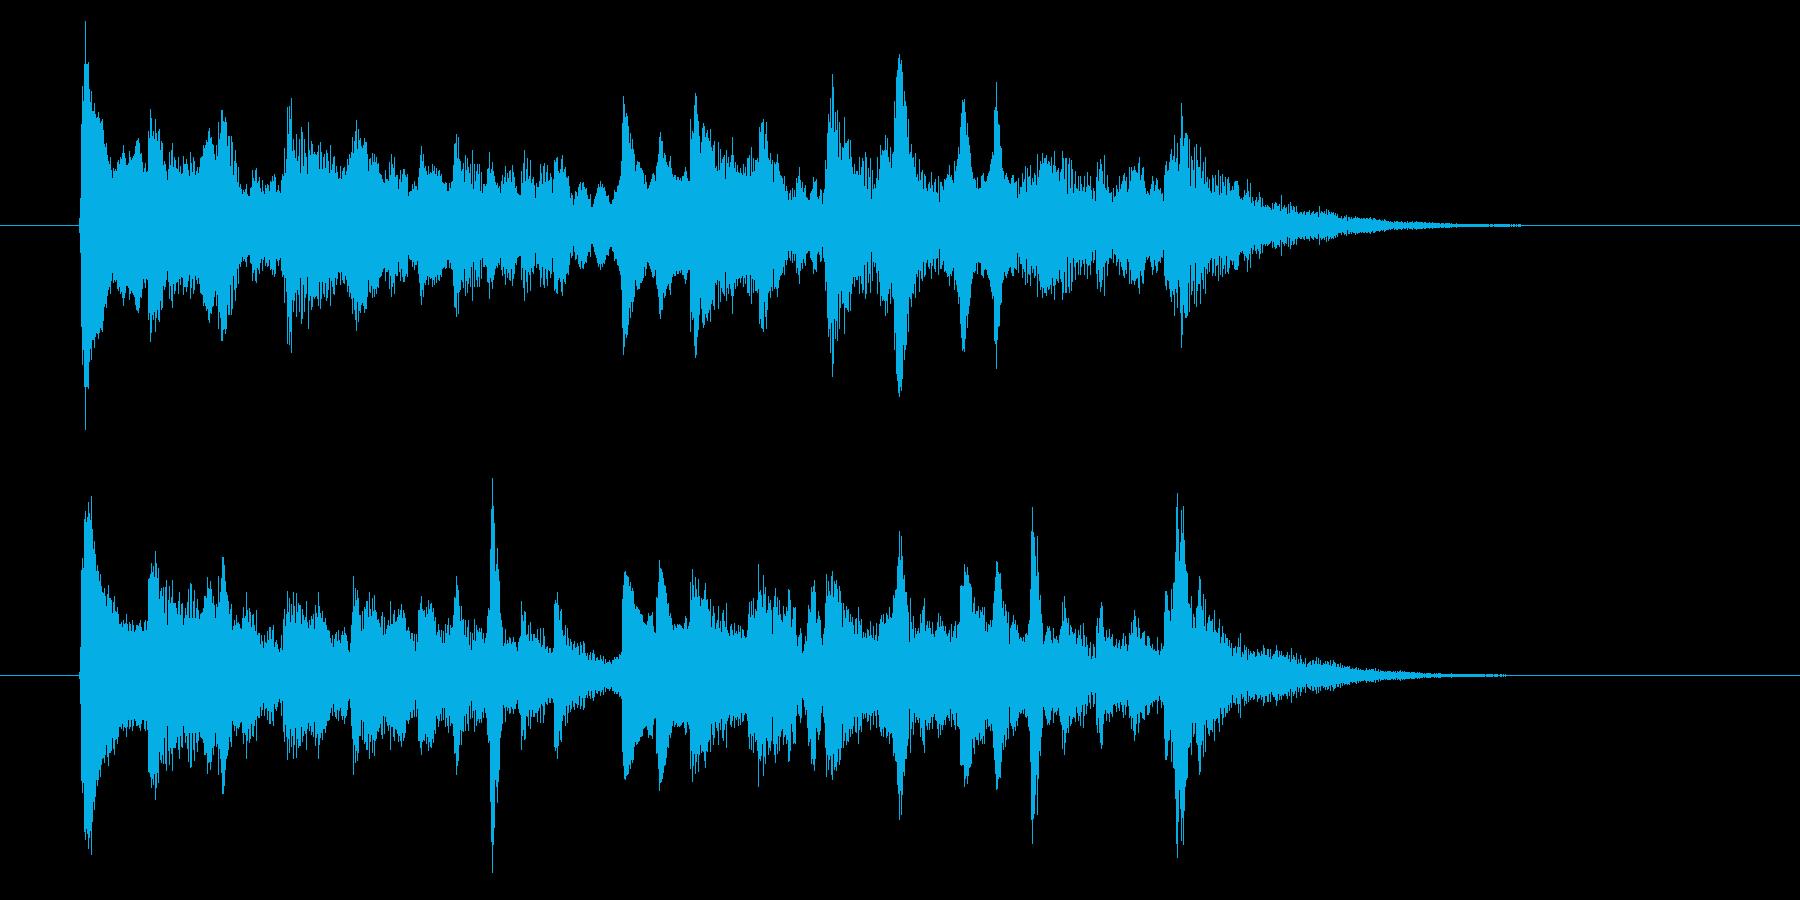 ゆったり和風な弦楽器・打楽器サウンドの再生済みの波形